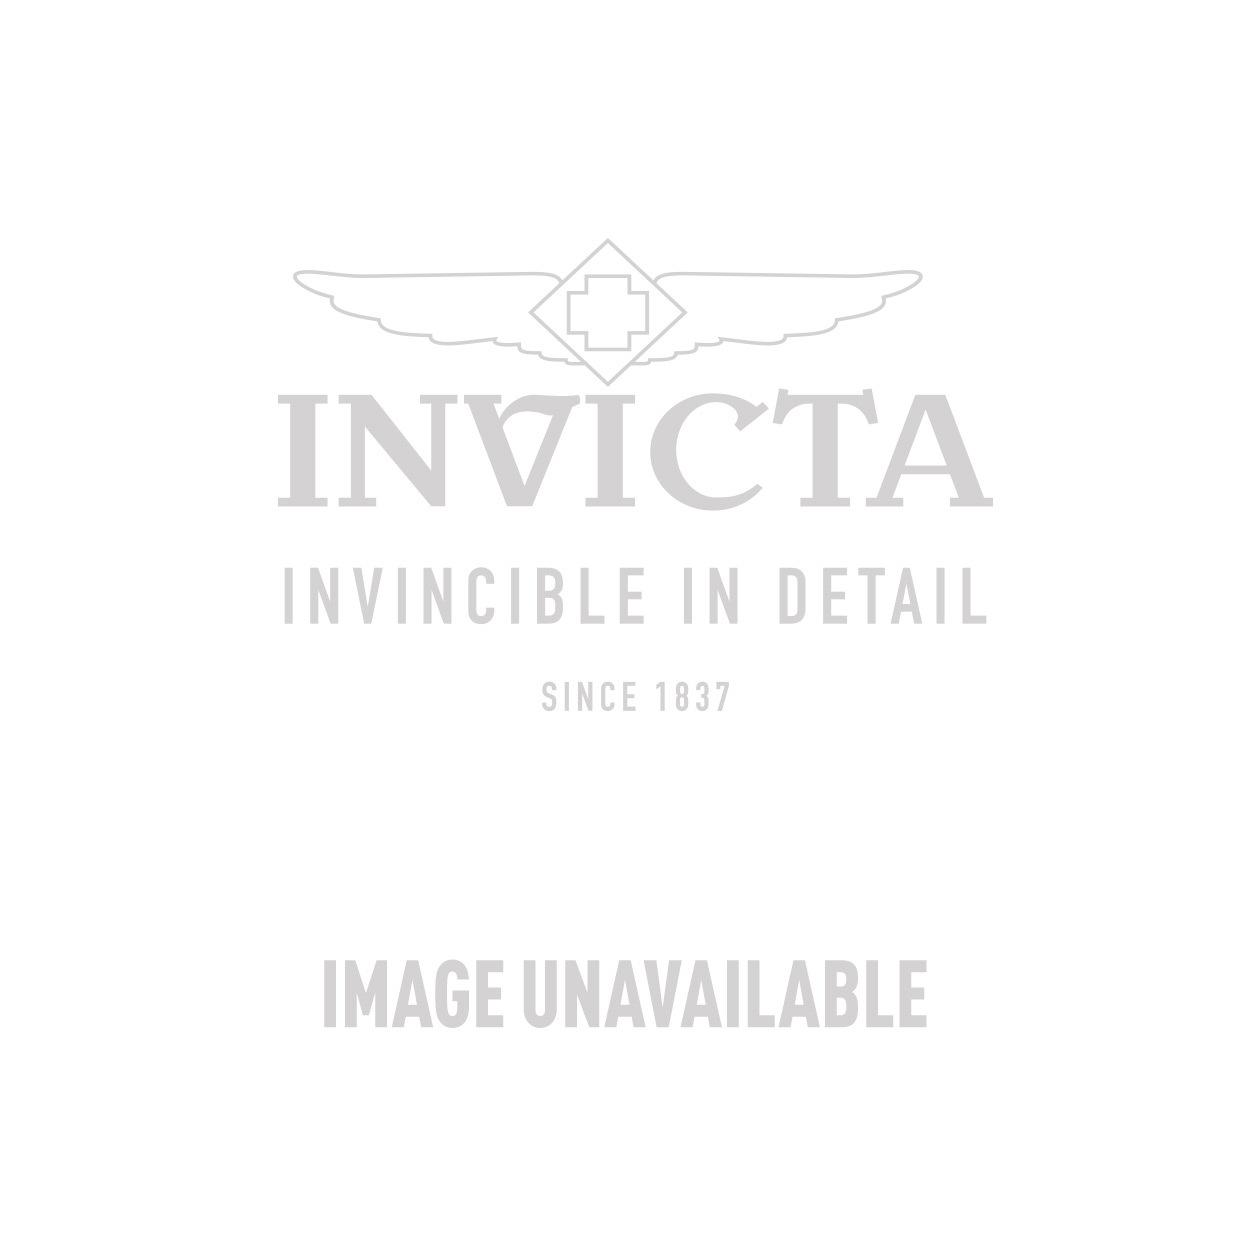 Invicta Model 25525